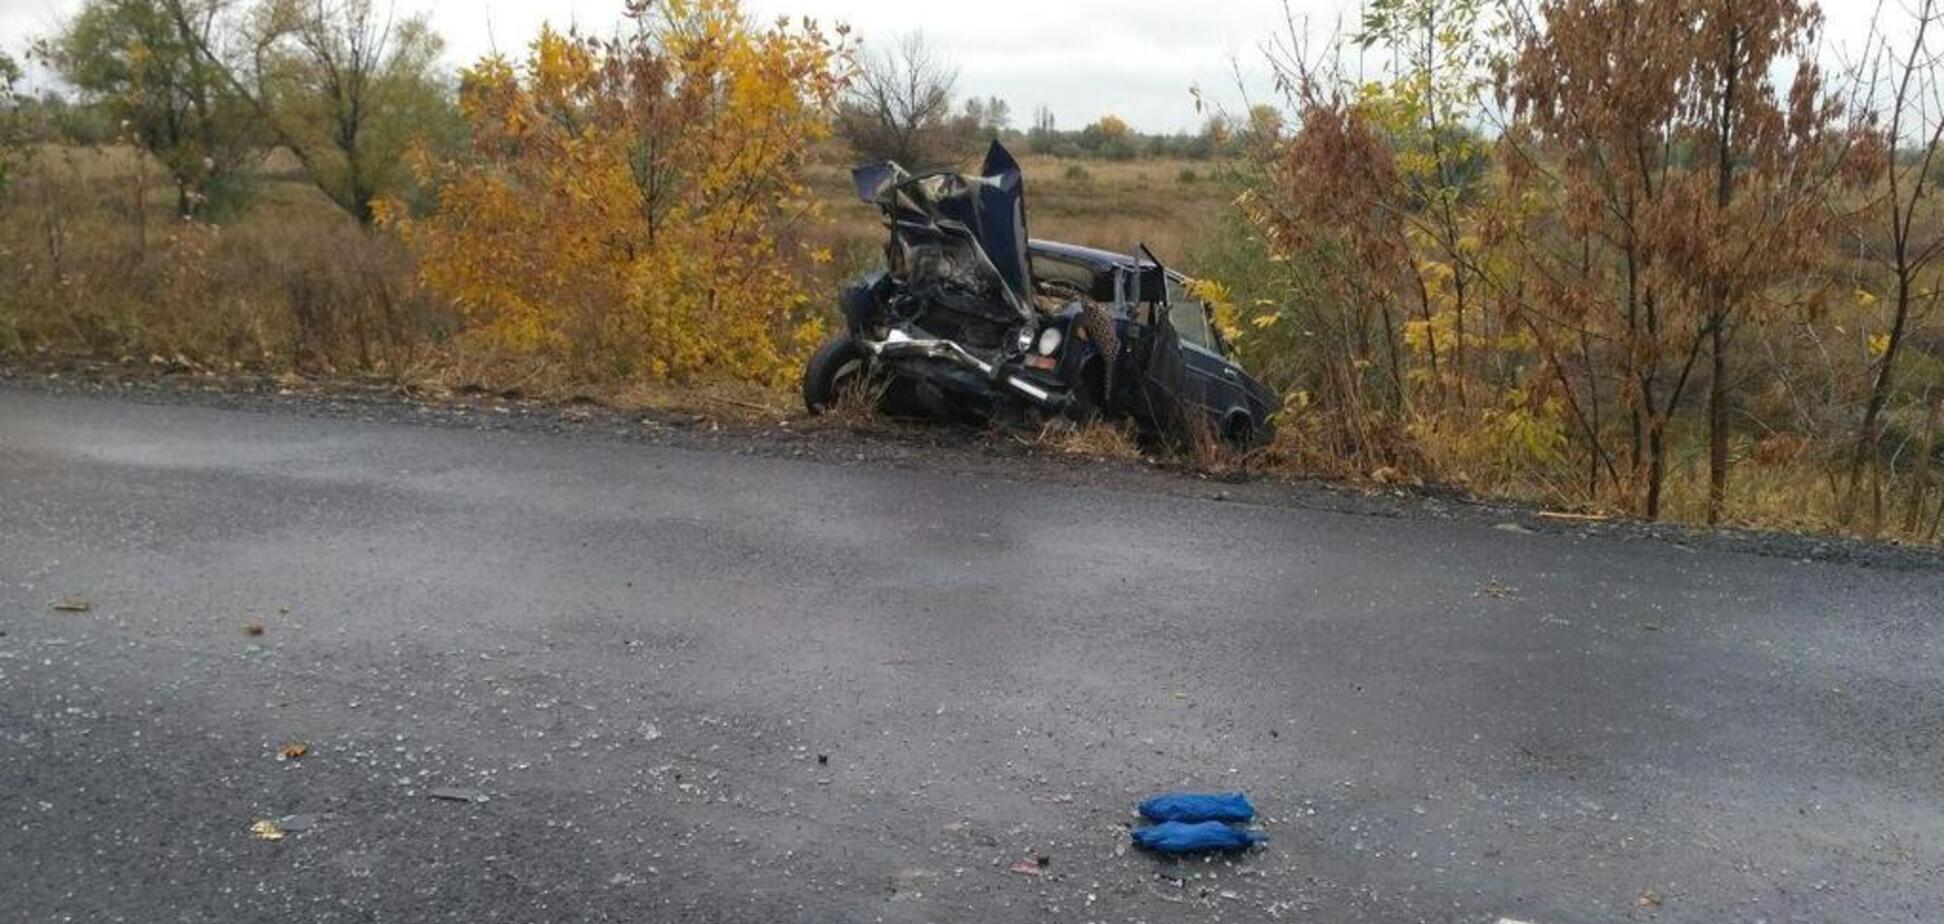 Вилетів на зустрічну: під Дніпром сталася смертельна ДТП з автобусом